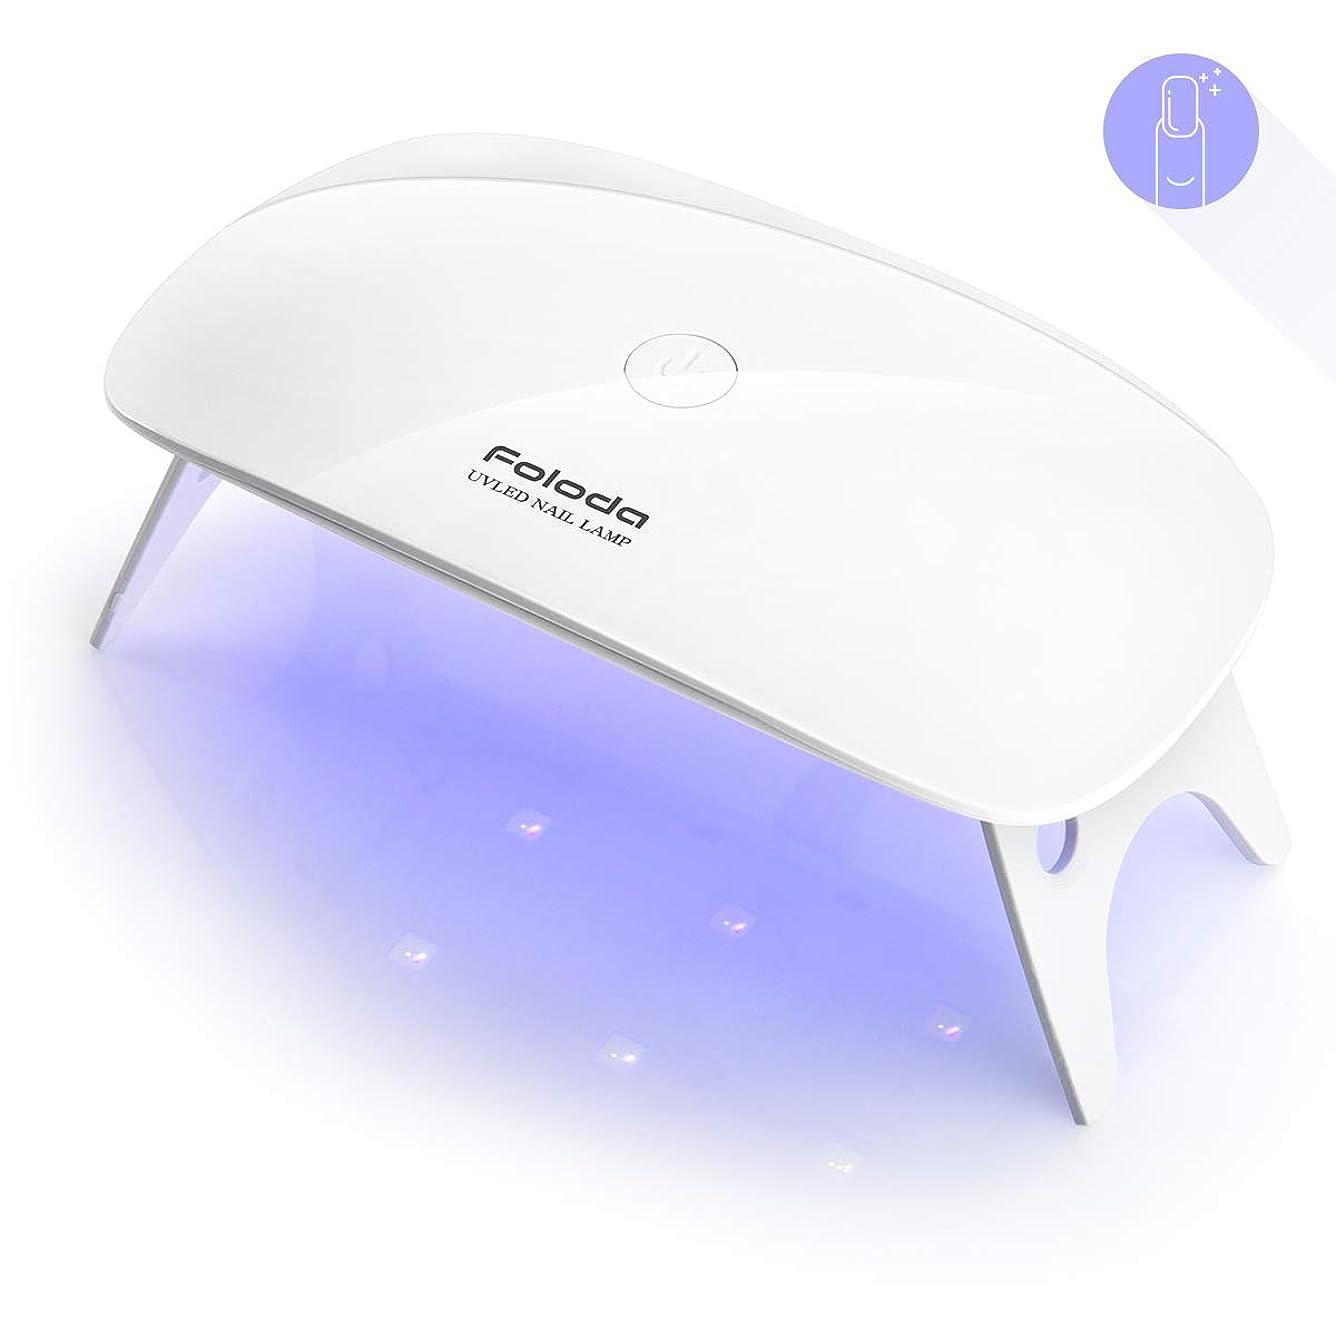 アウター楽観バンドルLEDネイルドライヤー UVライト Foloda タイマー設定可能 折りたたみ式手足とも使える 人感センサー式 LED 硬化ライト UV と LEDダブルライト ジェルネイル用 ホワイト (white)